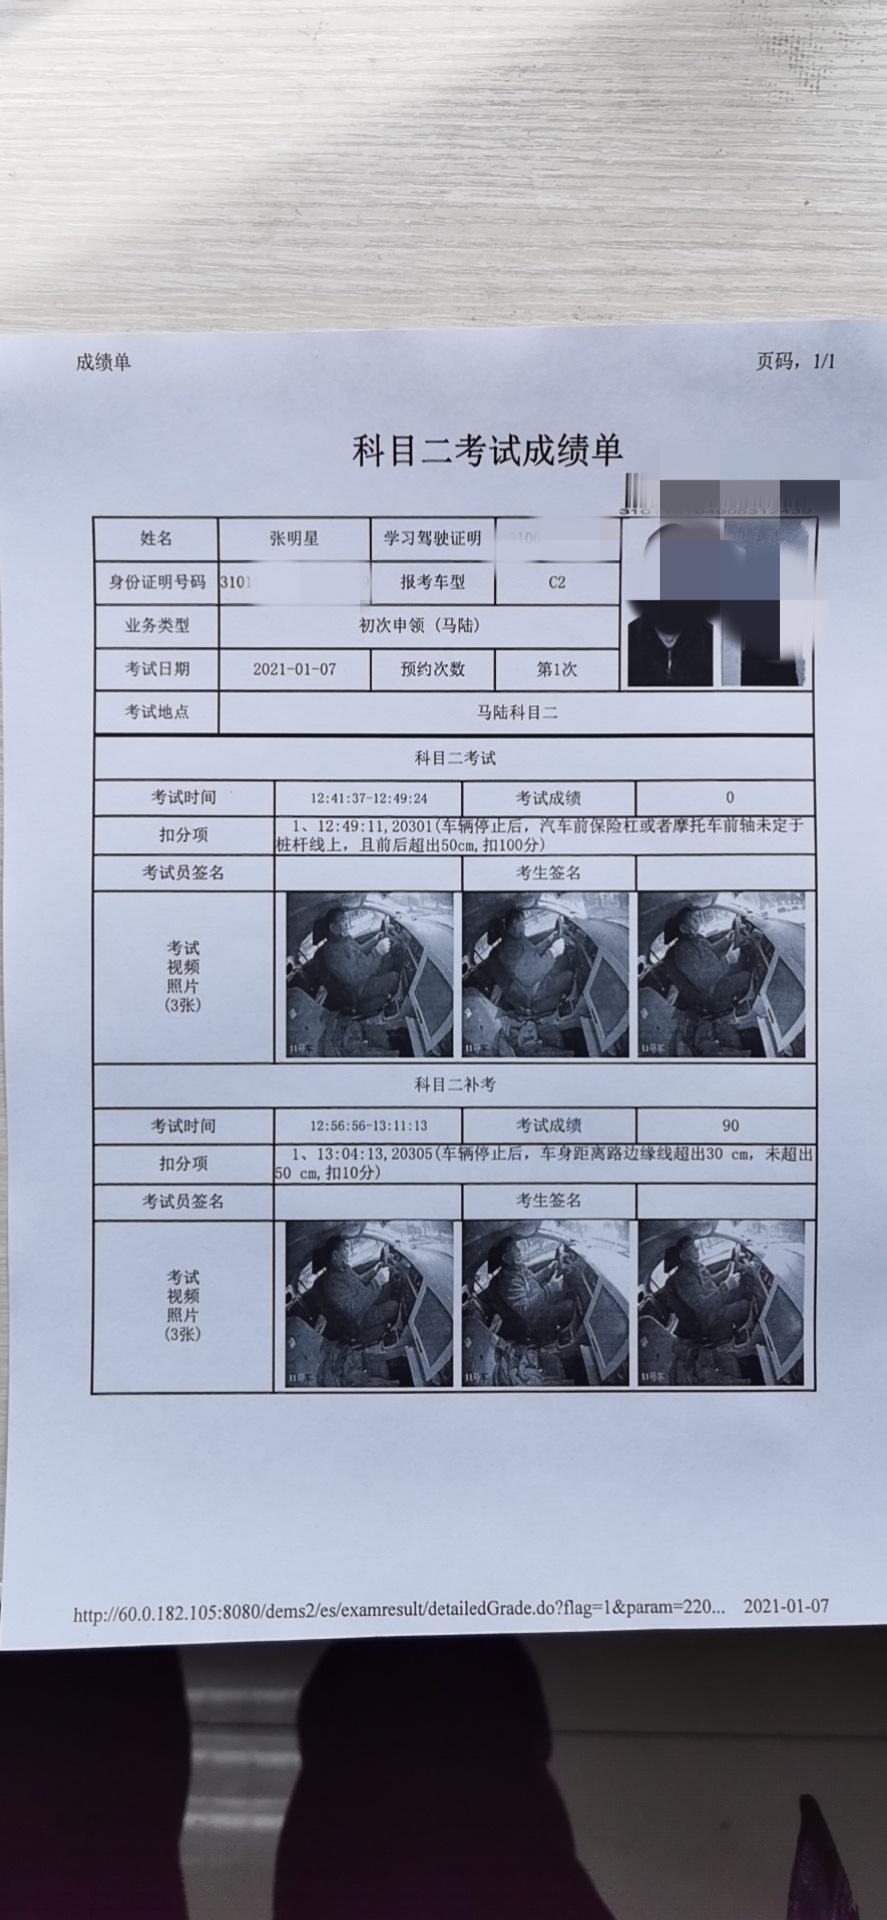 1月7日下午,72岁的张老伯通过了科目二考试